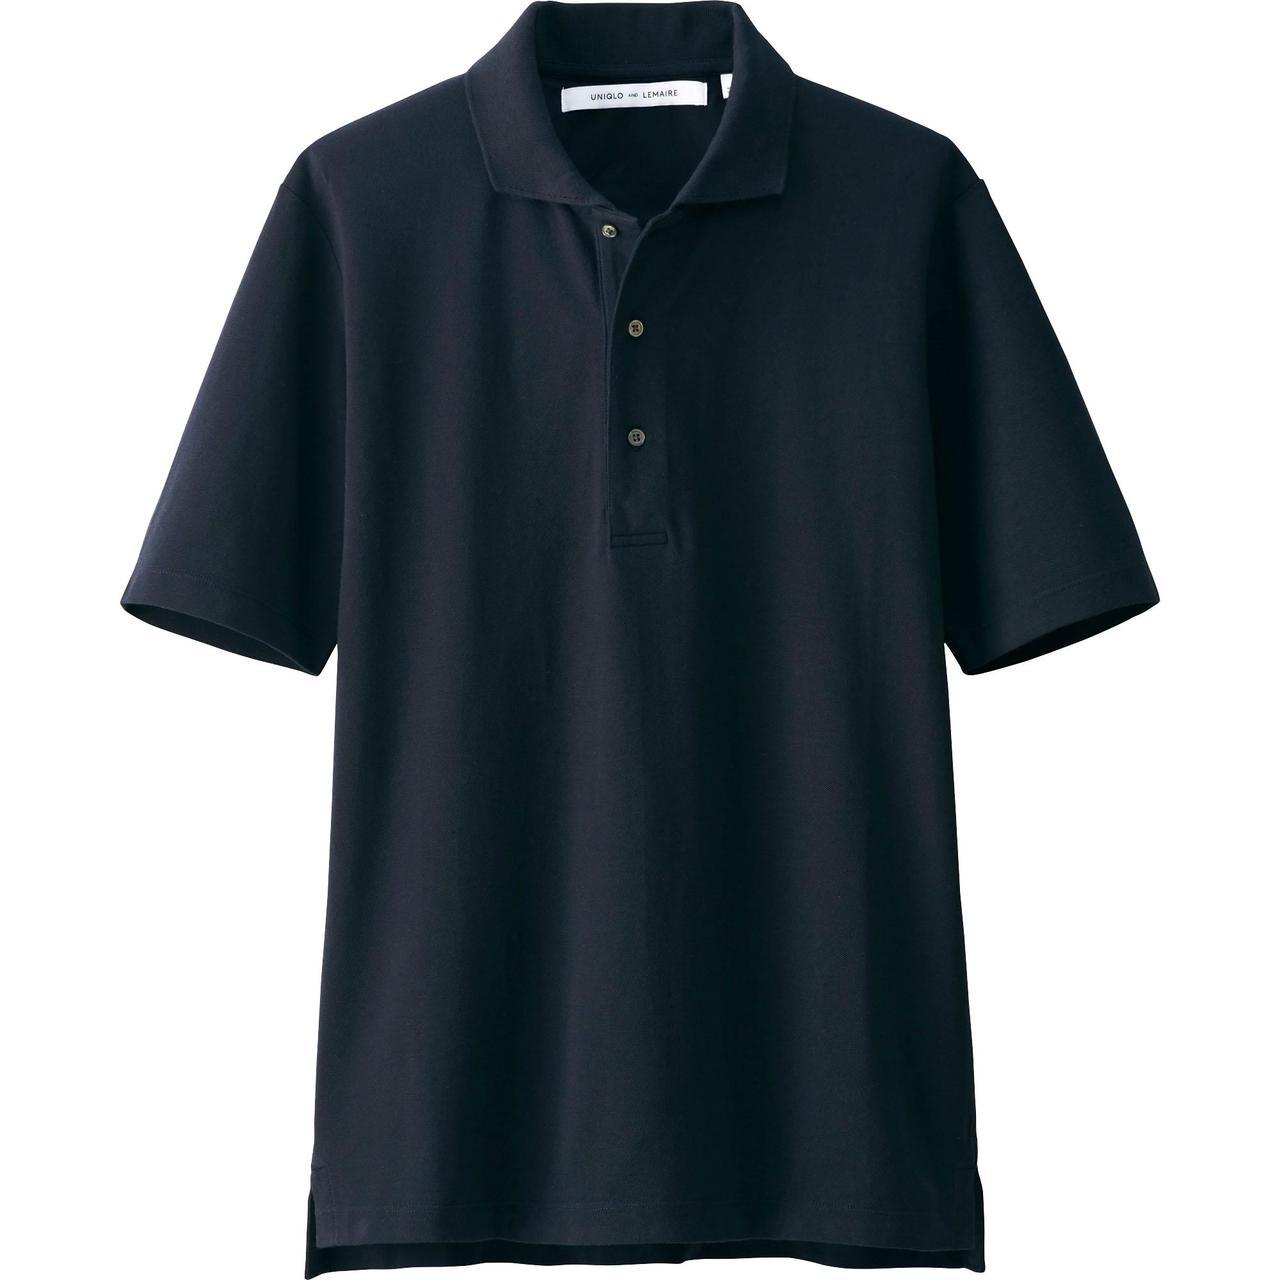 Мужская футболка поло Uniqlo Men Supima Cotton NAVY